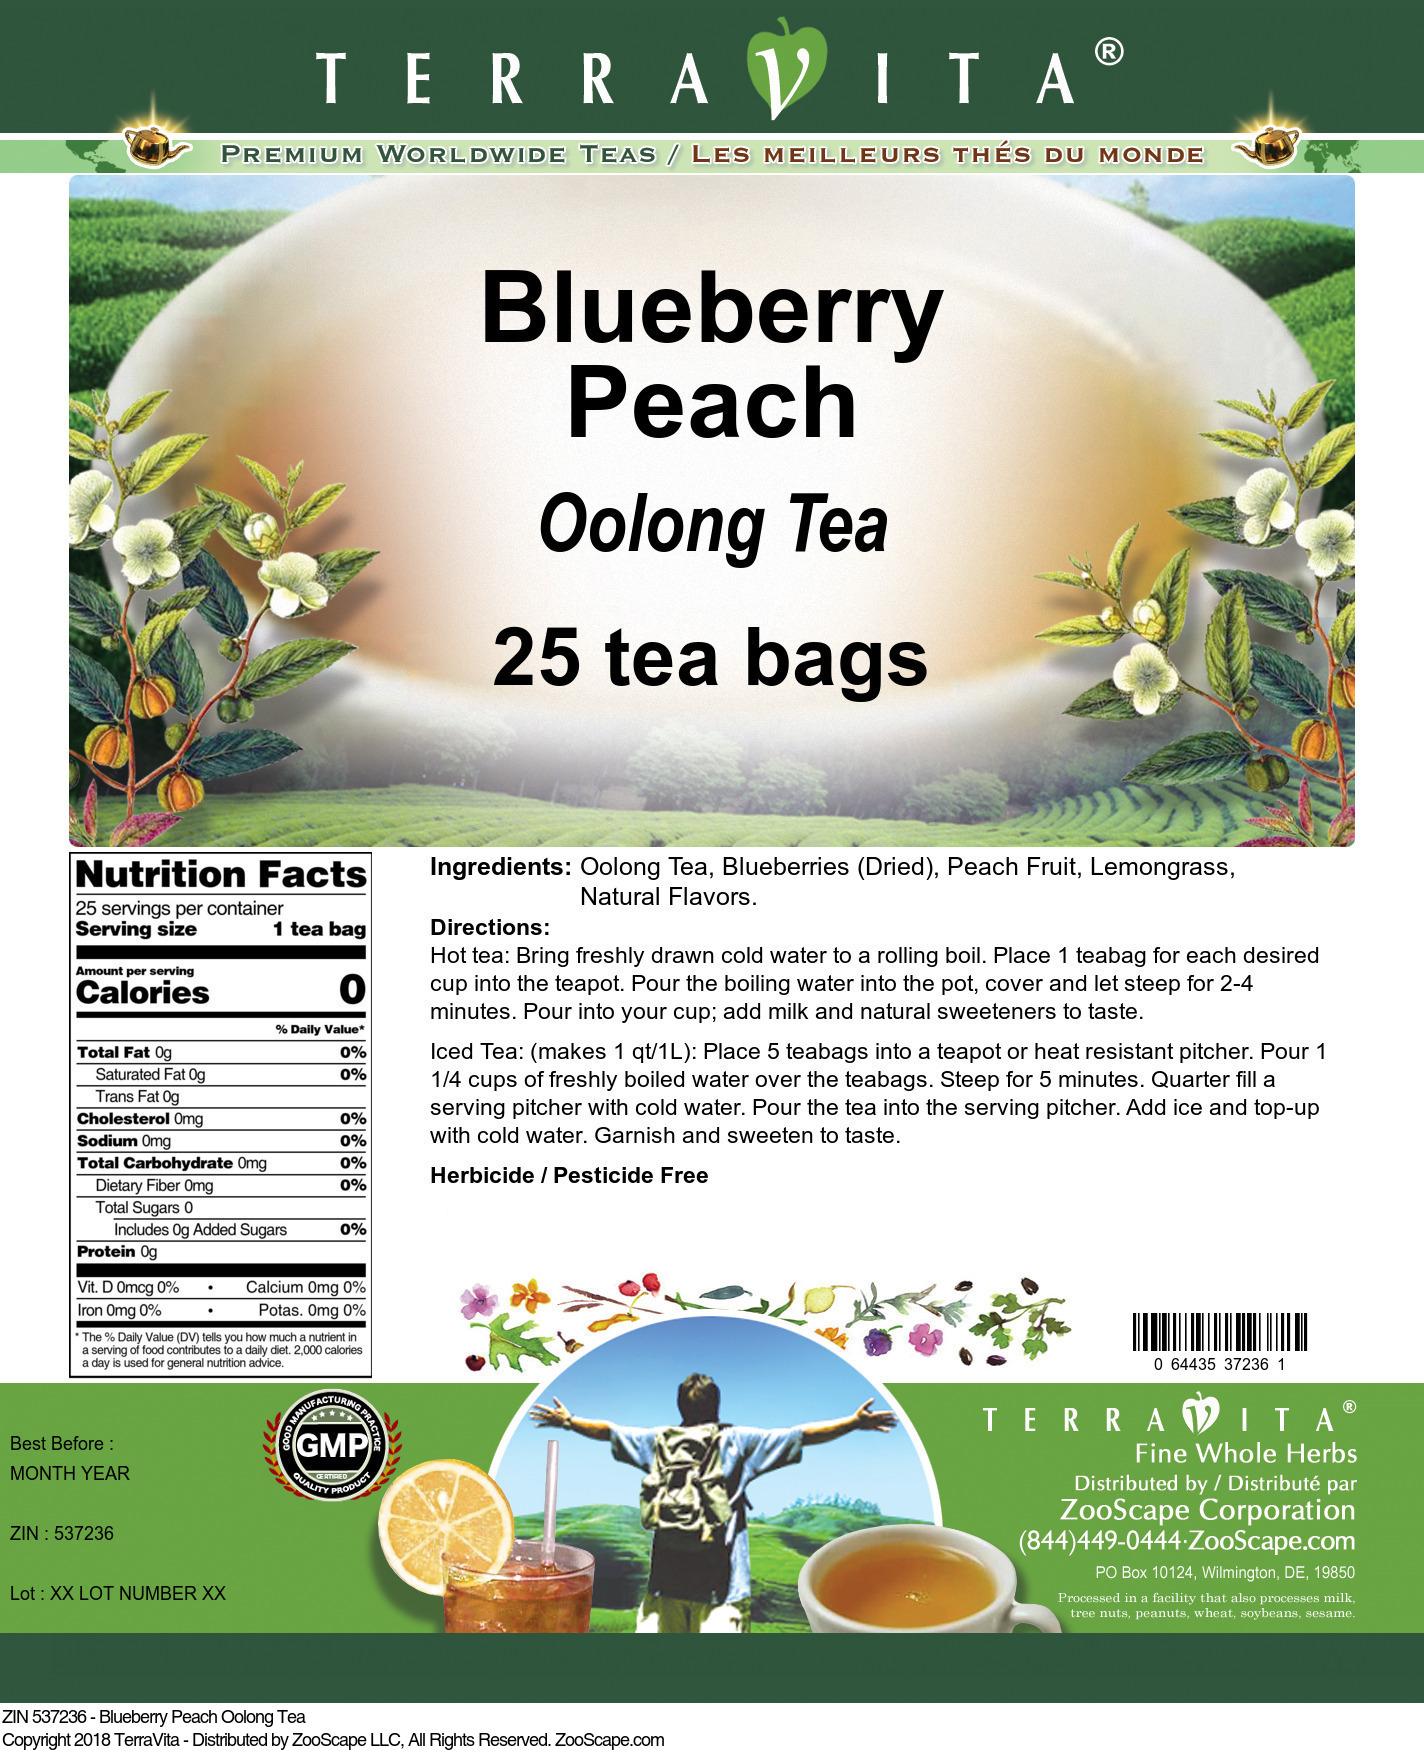 Blueberry Peach Oolong Tea